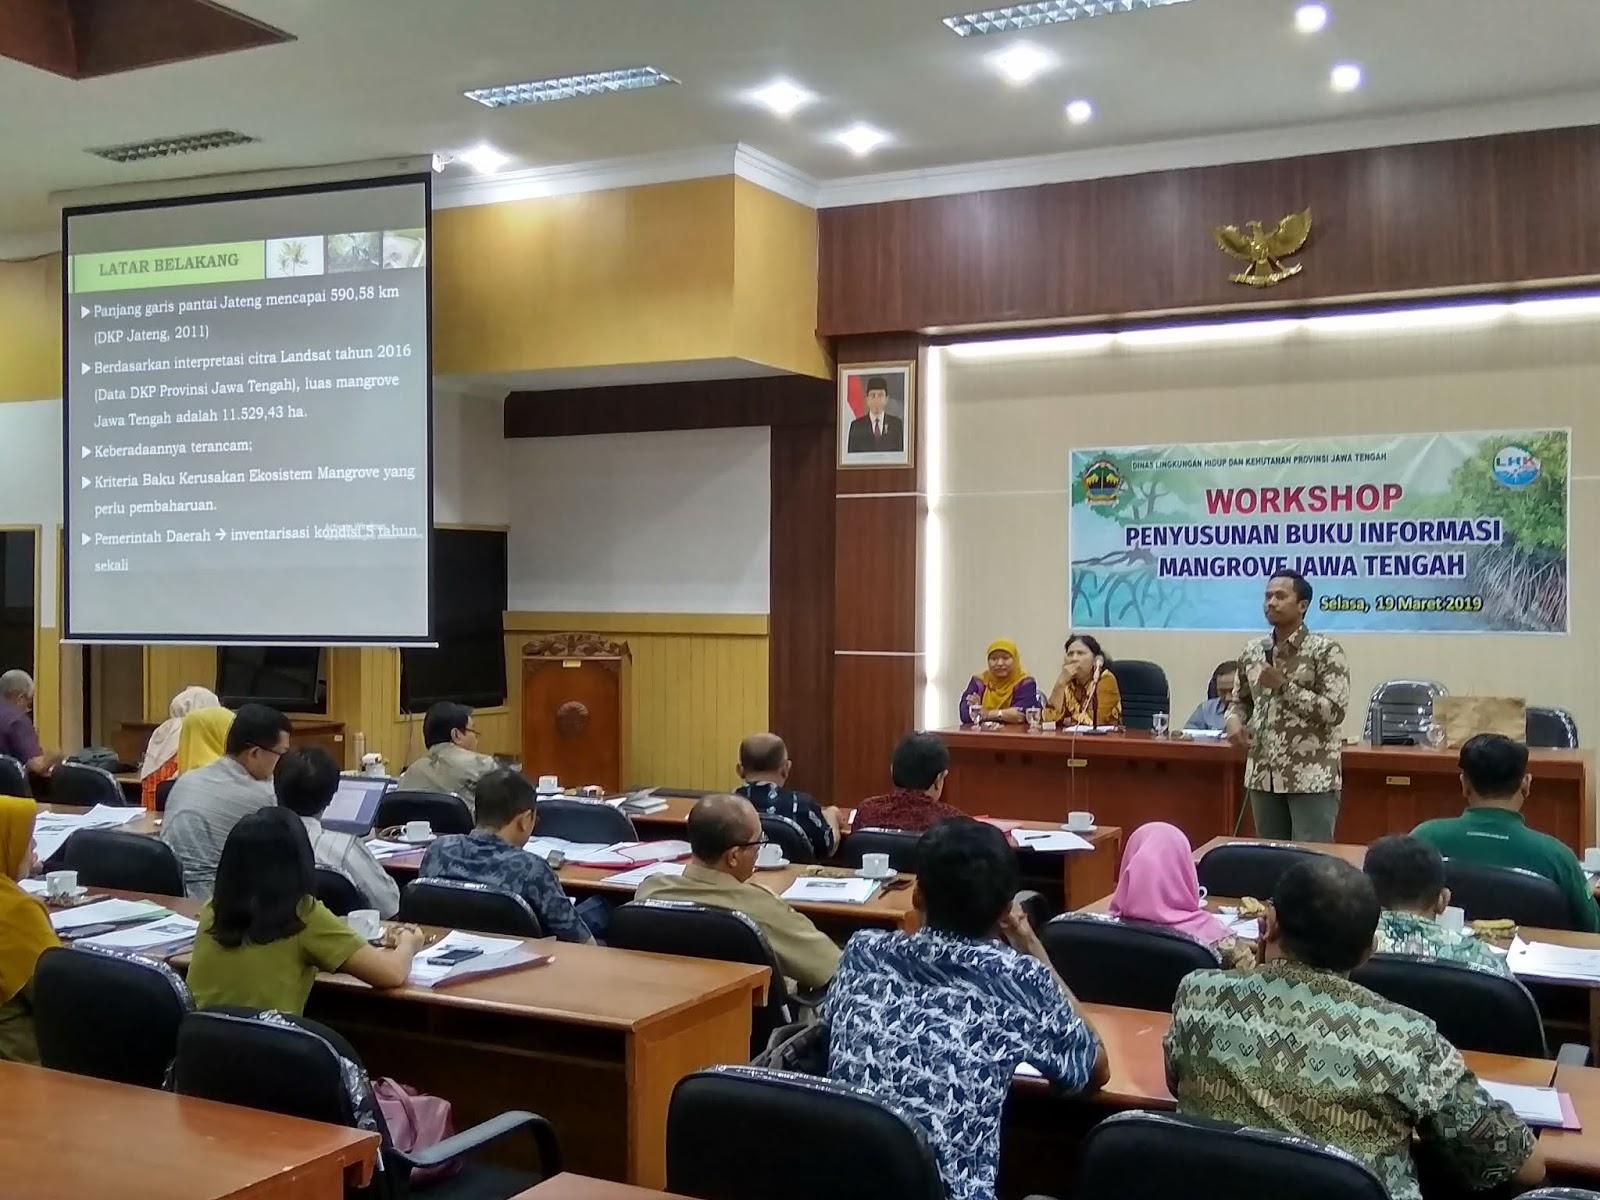 IKAMaT Narasumber Workshop Penyusunan Buku Mangrove DLHK Provinsi Jawa Tengah